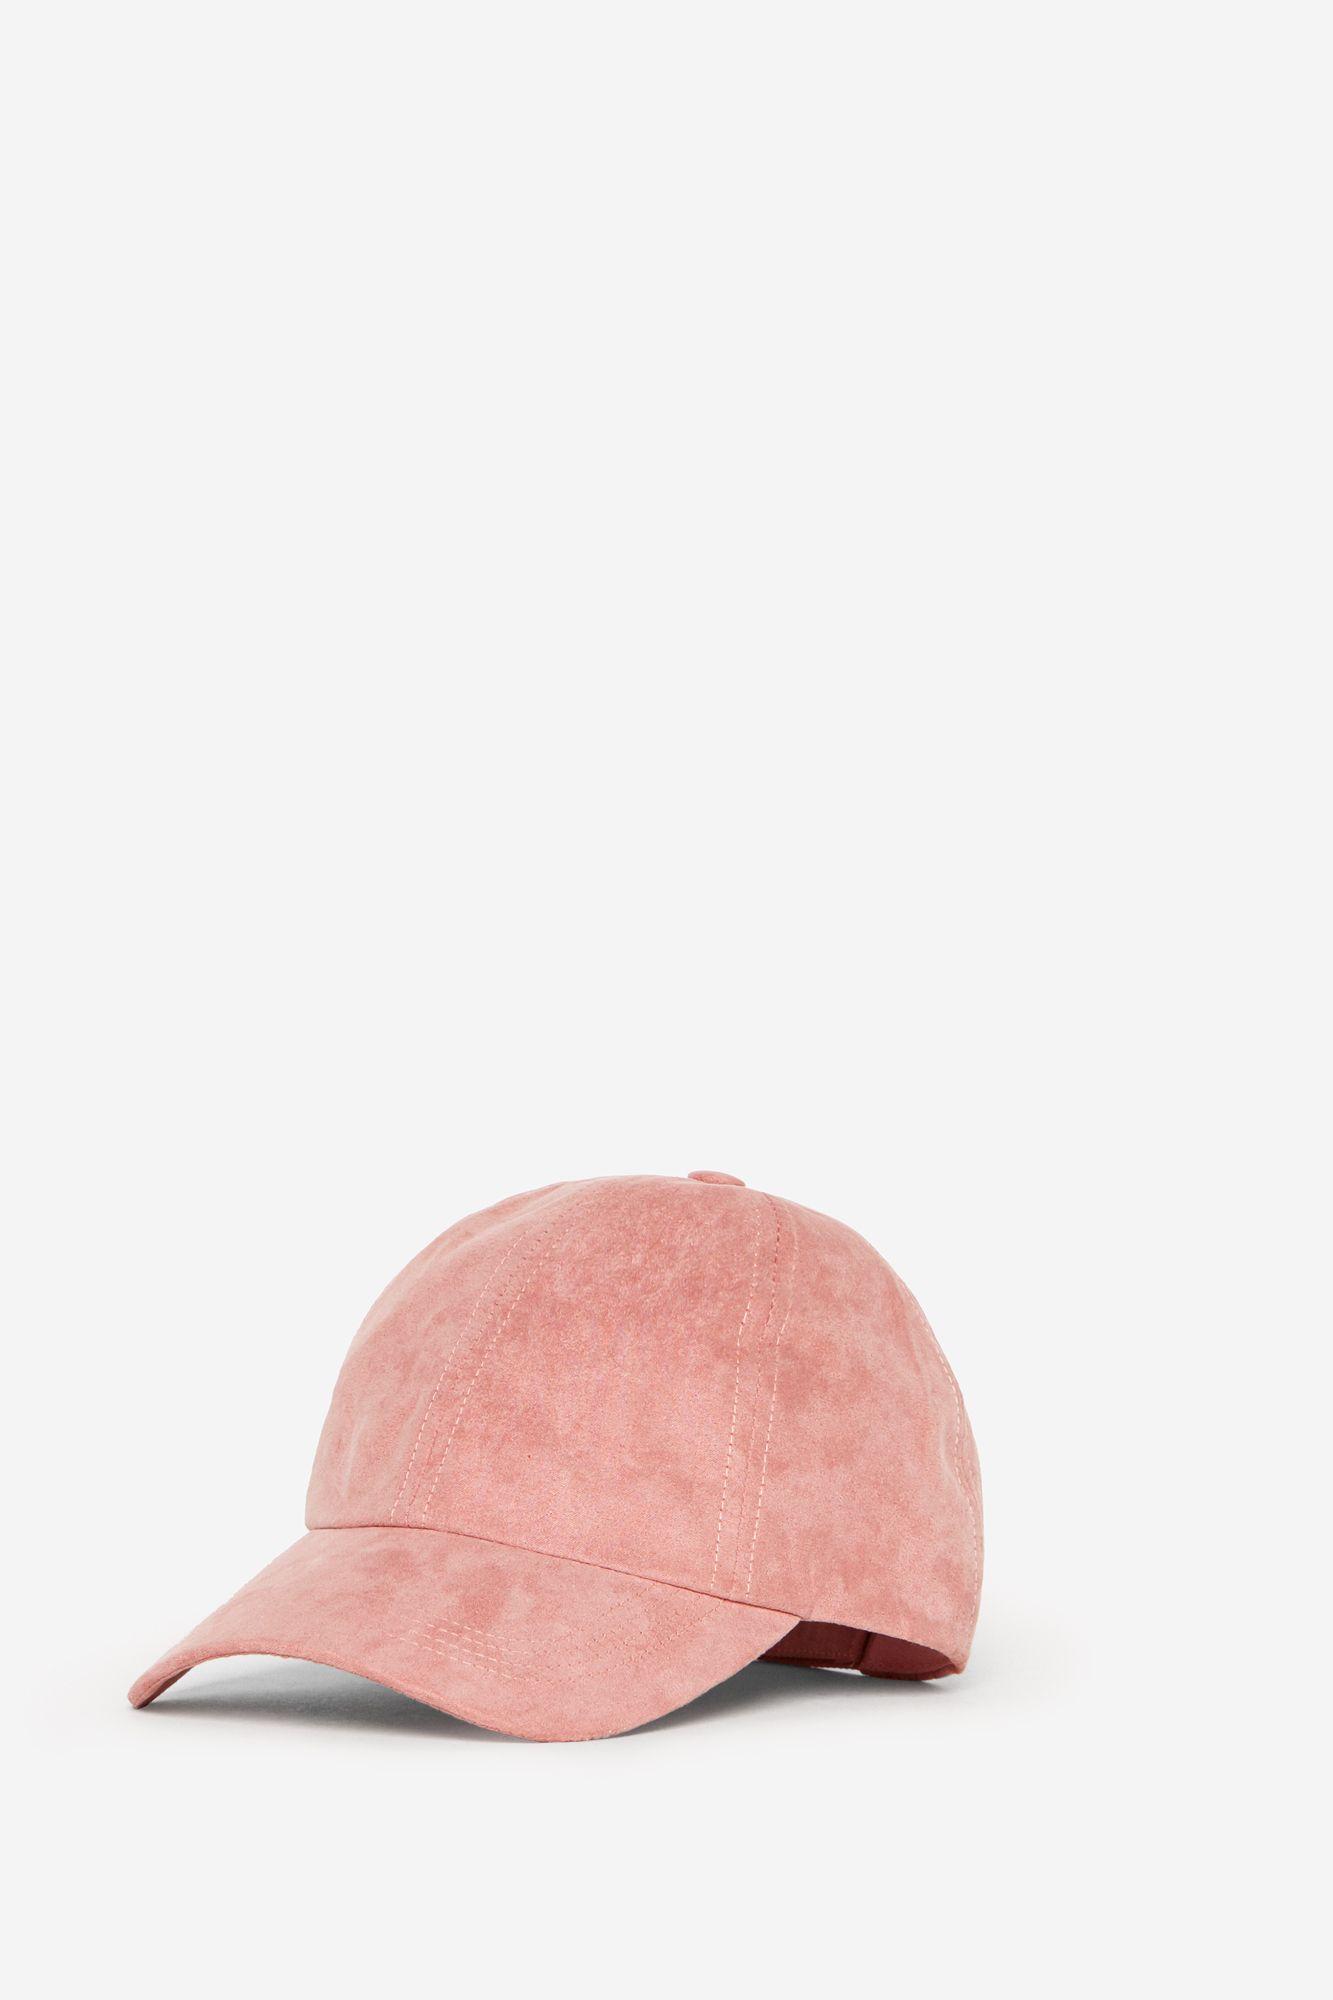 Gorra rosa efecto ante.  d69d3ecc846